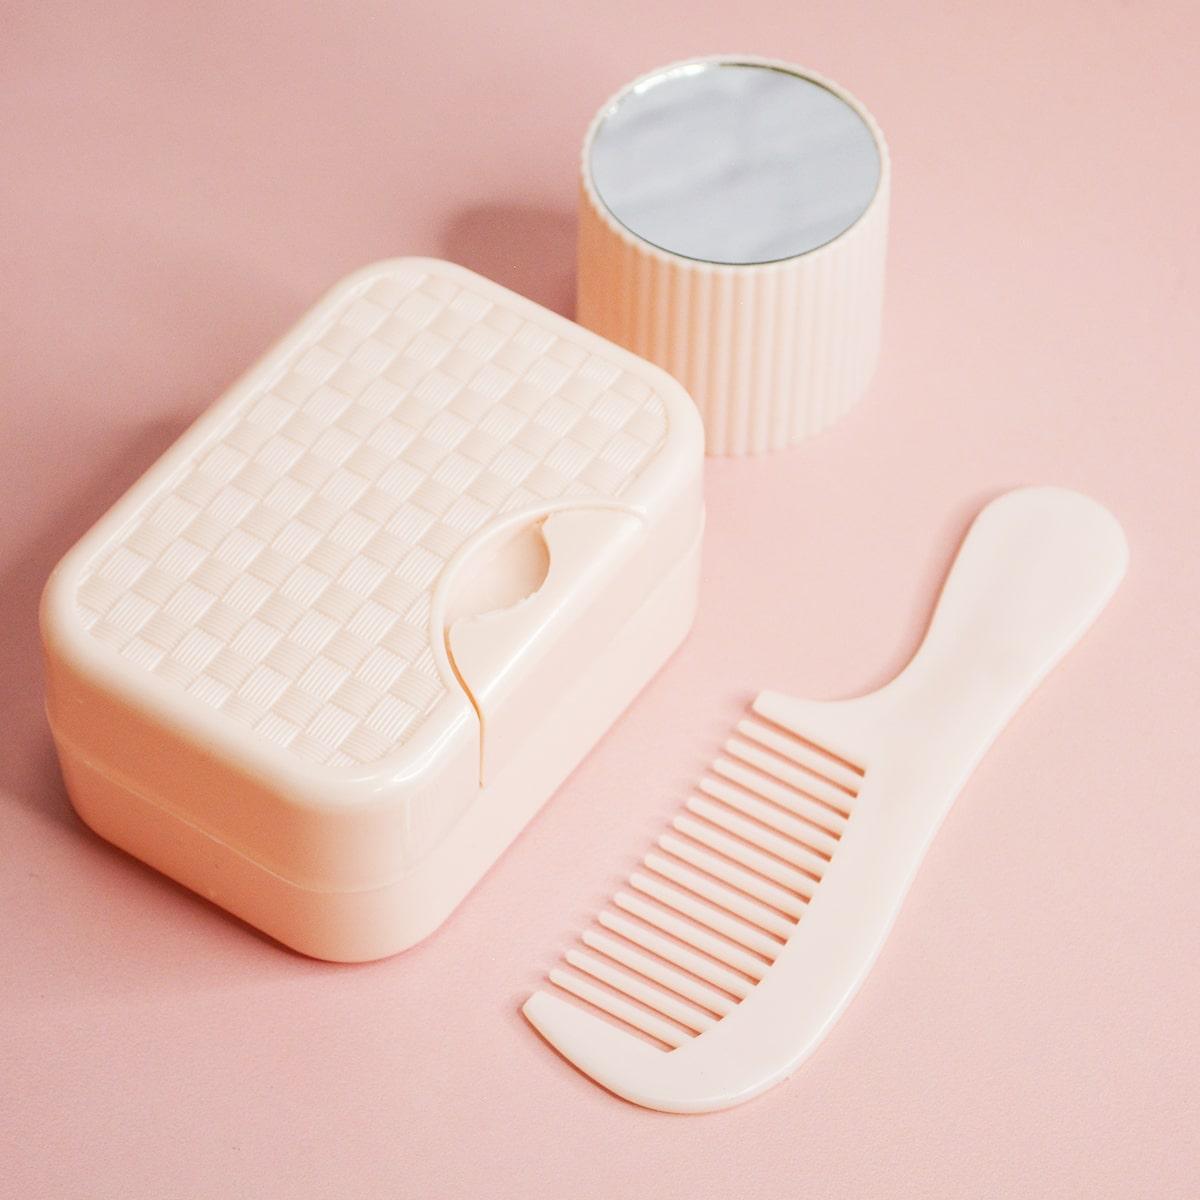 Банный дорожный набор 5 предметов (футляр для зубной щетки, вехотка, мыльница, расческа, косметичка) розовый - фото 2